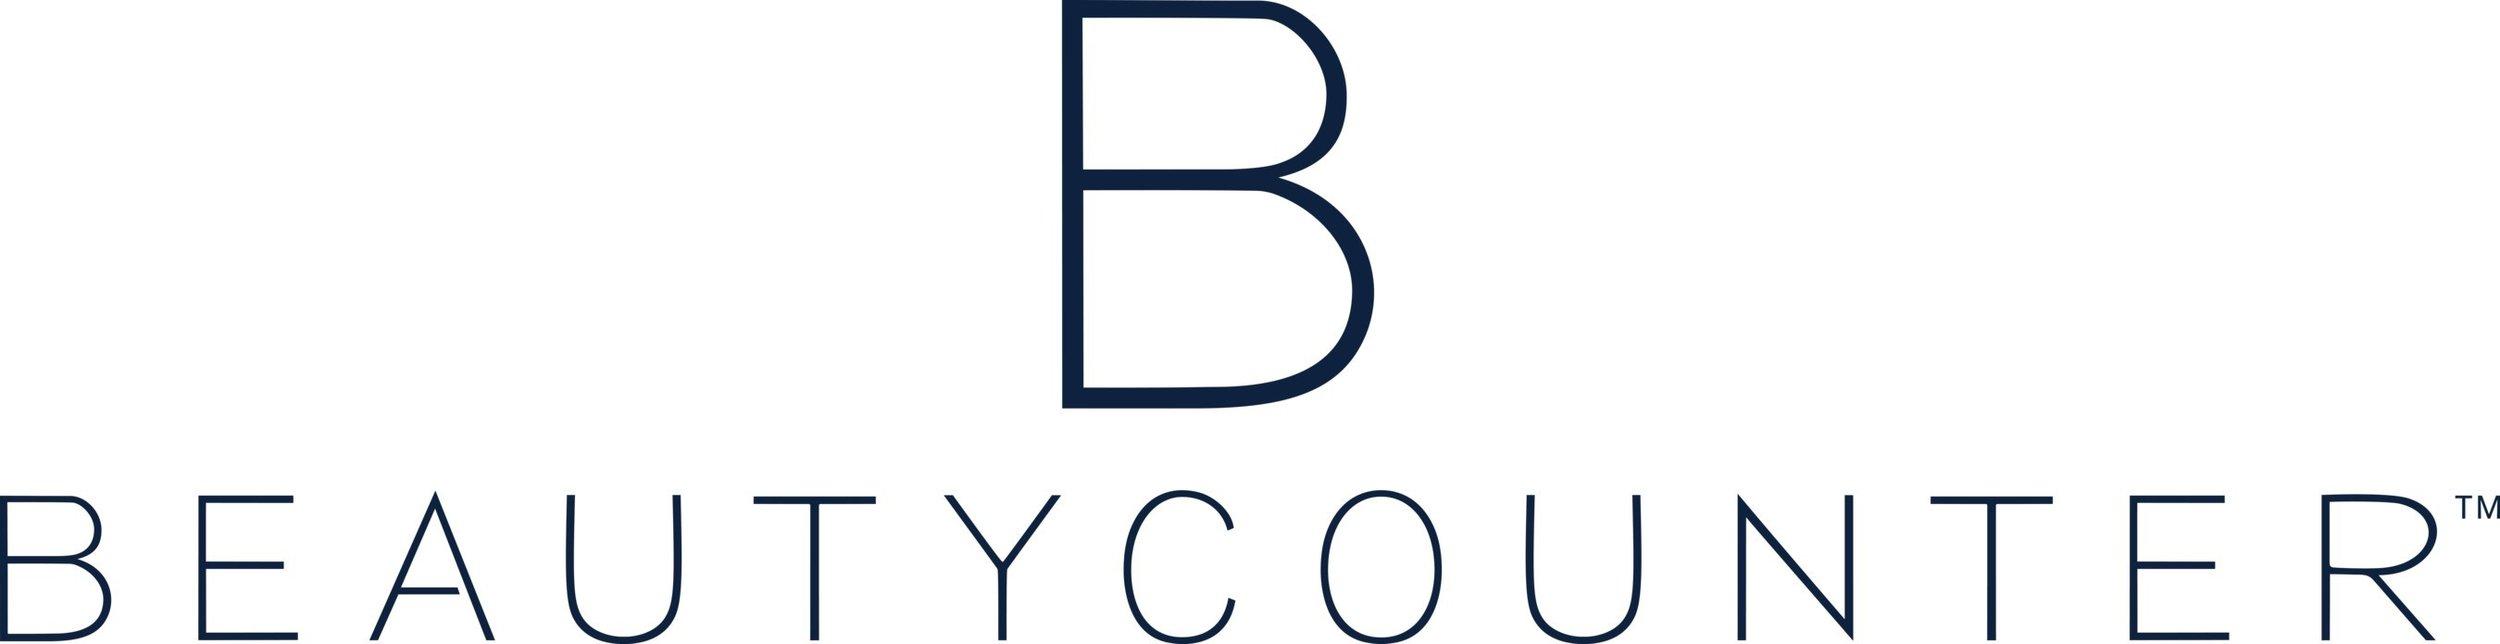 Beautycounter_Logo.jpg